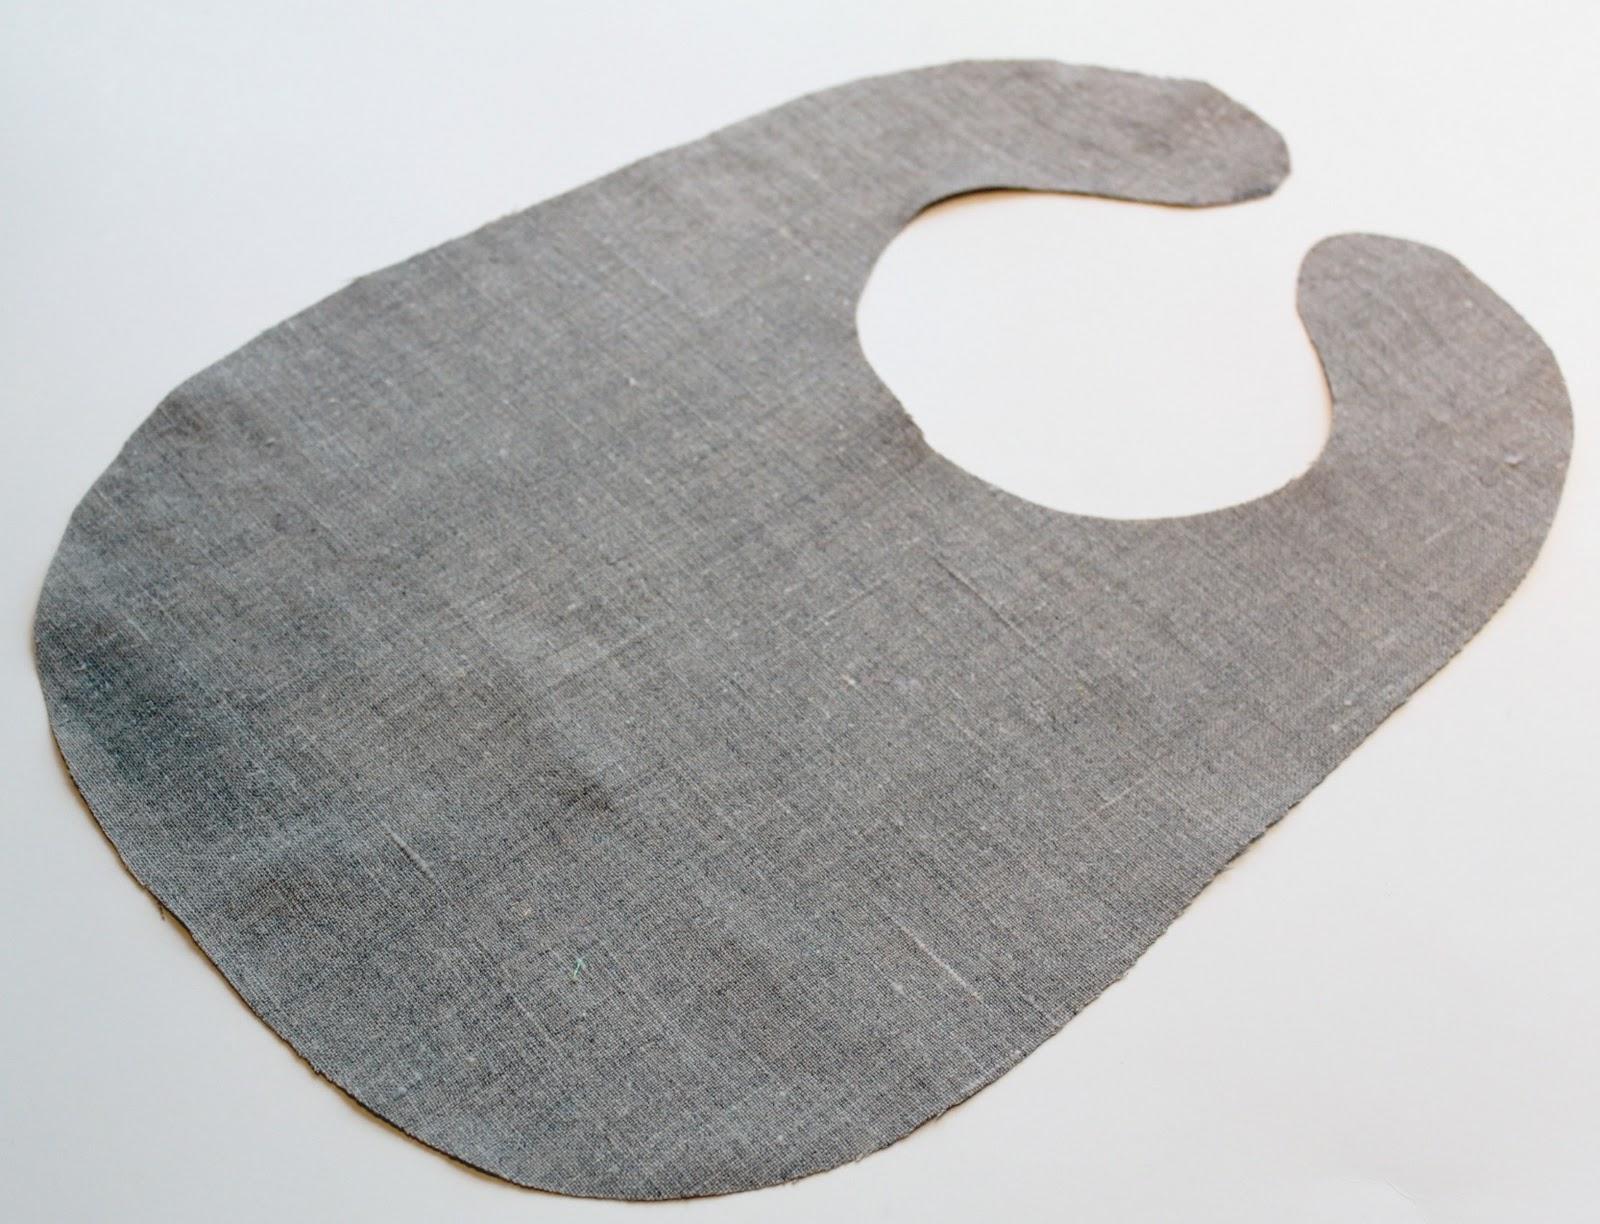 Baby Bib Tutorial - Free Patterns for Baby Bibs - Free Bib Sewing